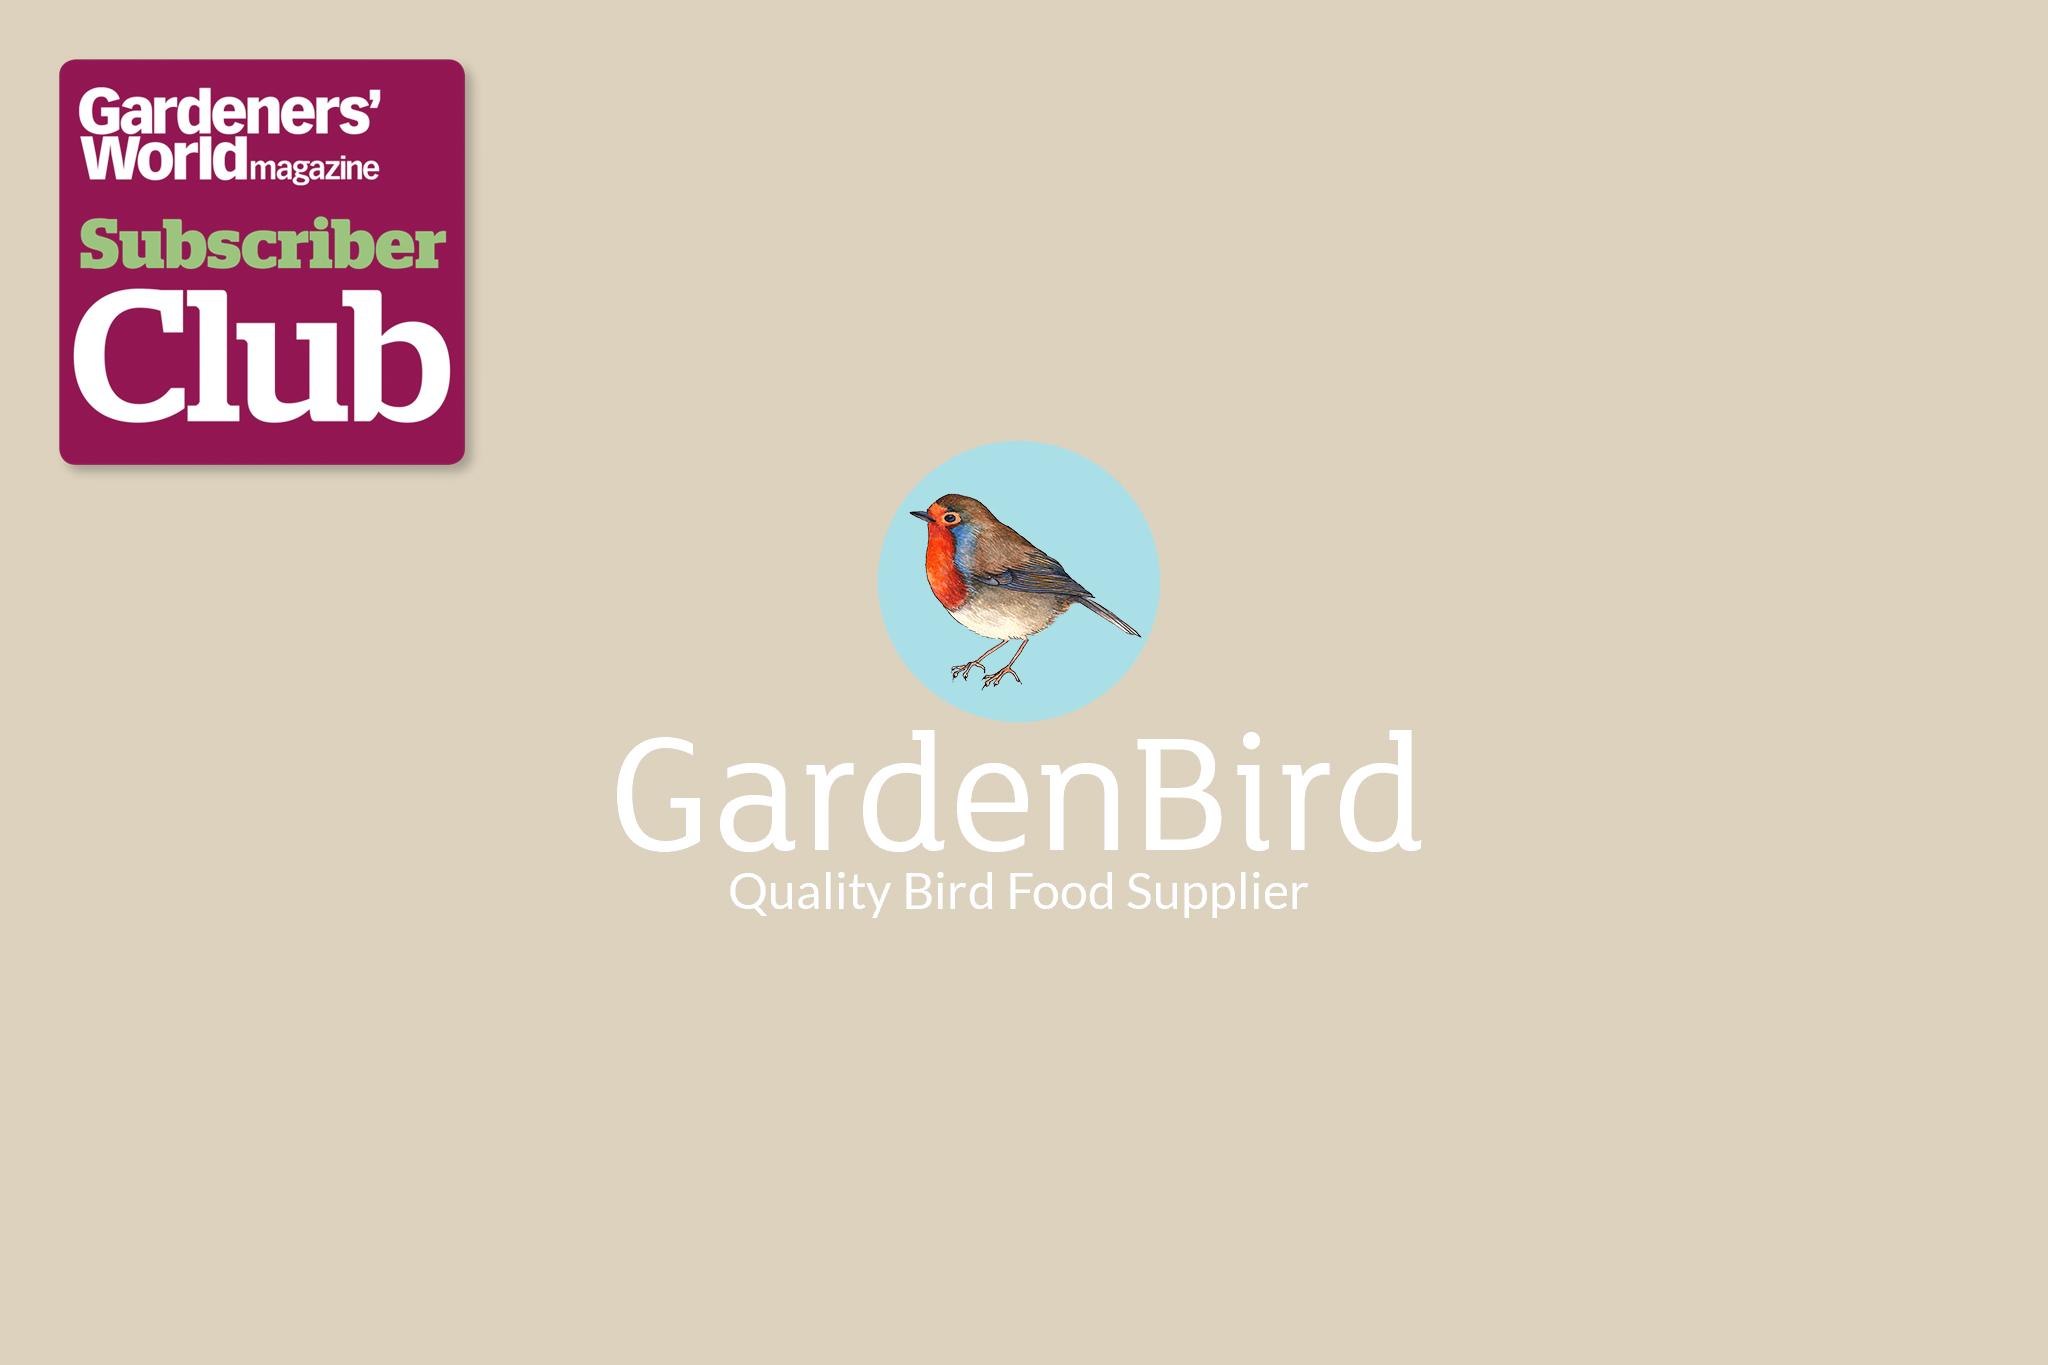 Garden Bird Supplies BBC Gardeners' World Magazine Subscriber Club discount